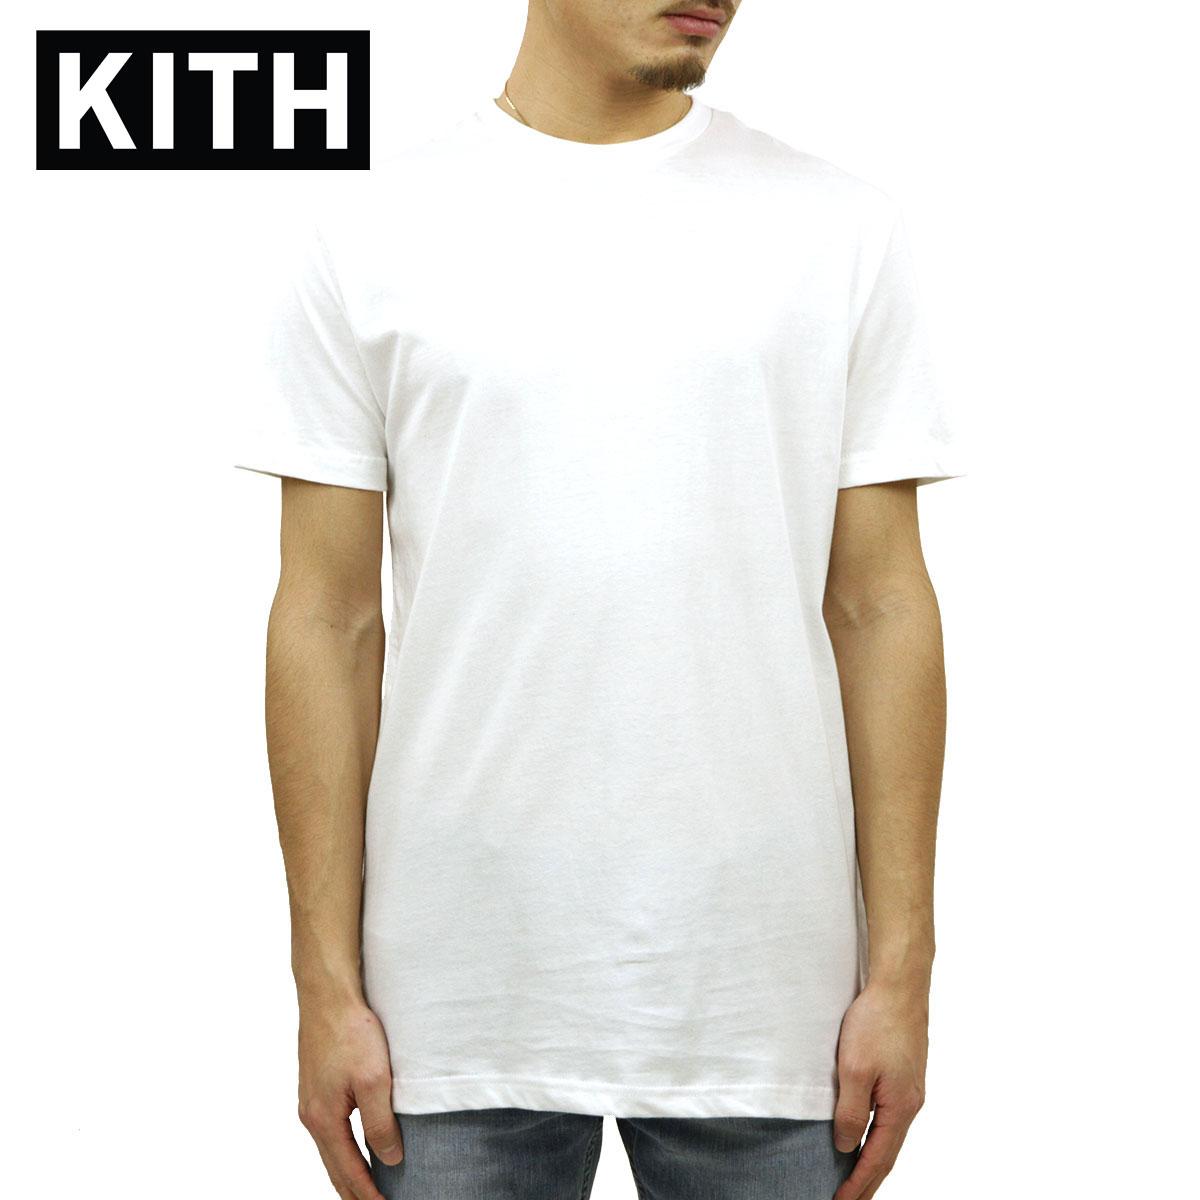 キス Tシャツ 正規品 KITH 半袖Tシャツ クルーネック 3枚組 KITH UNDERSHIRT 3-PACK KH3170-101 WHITE